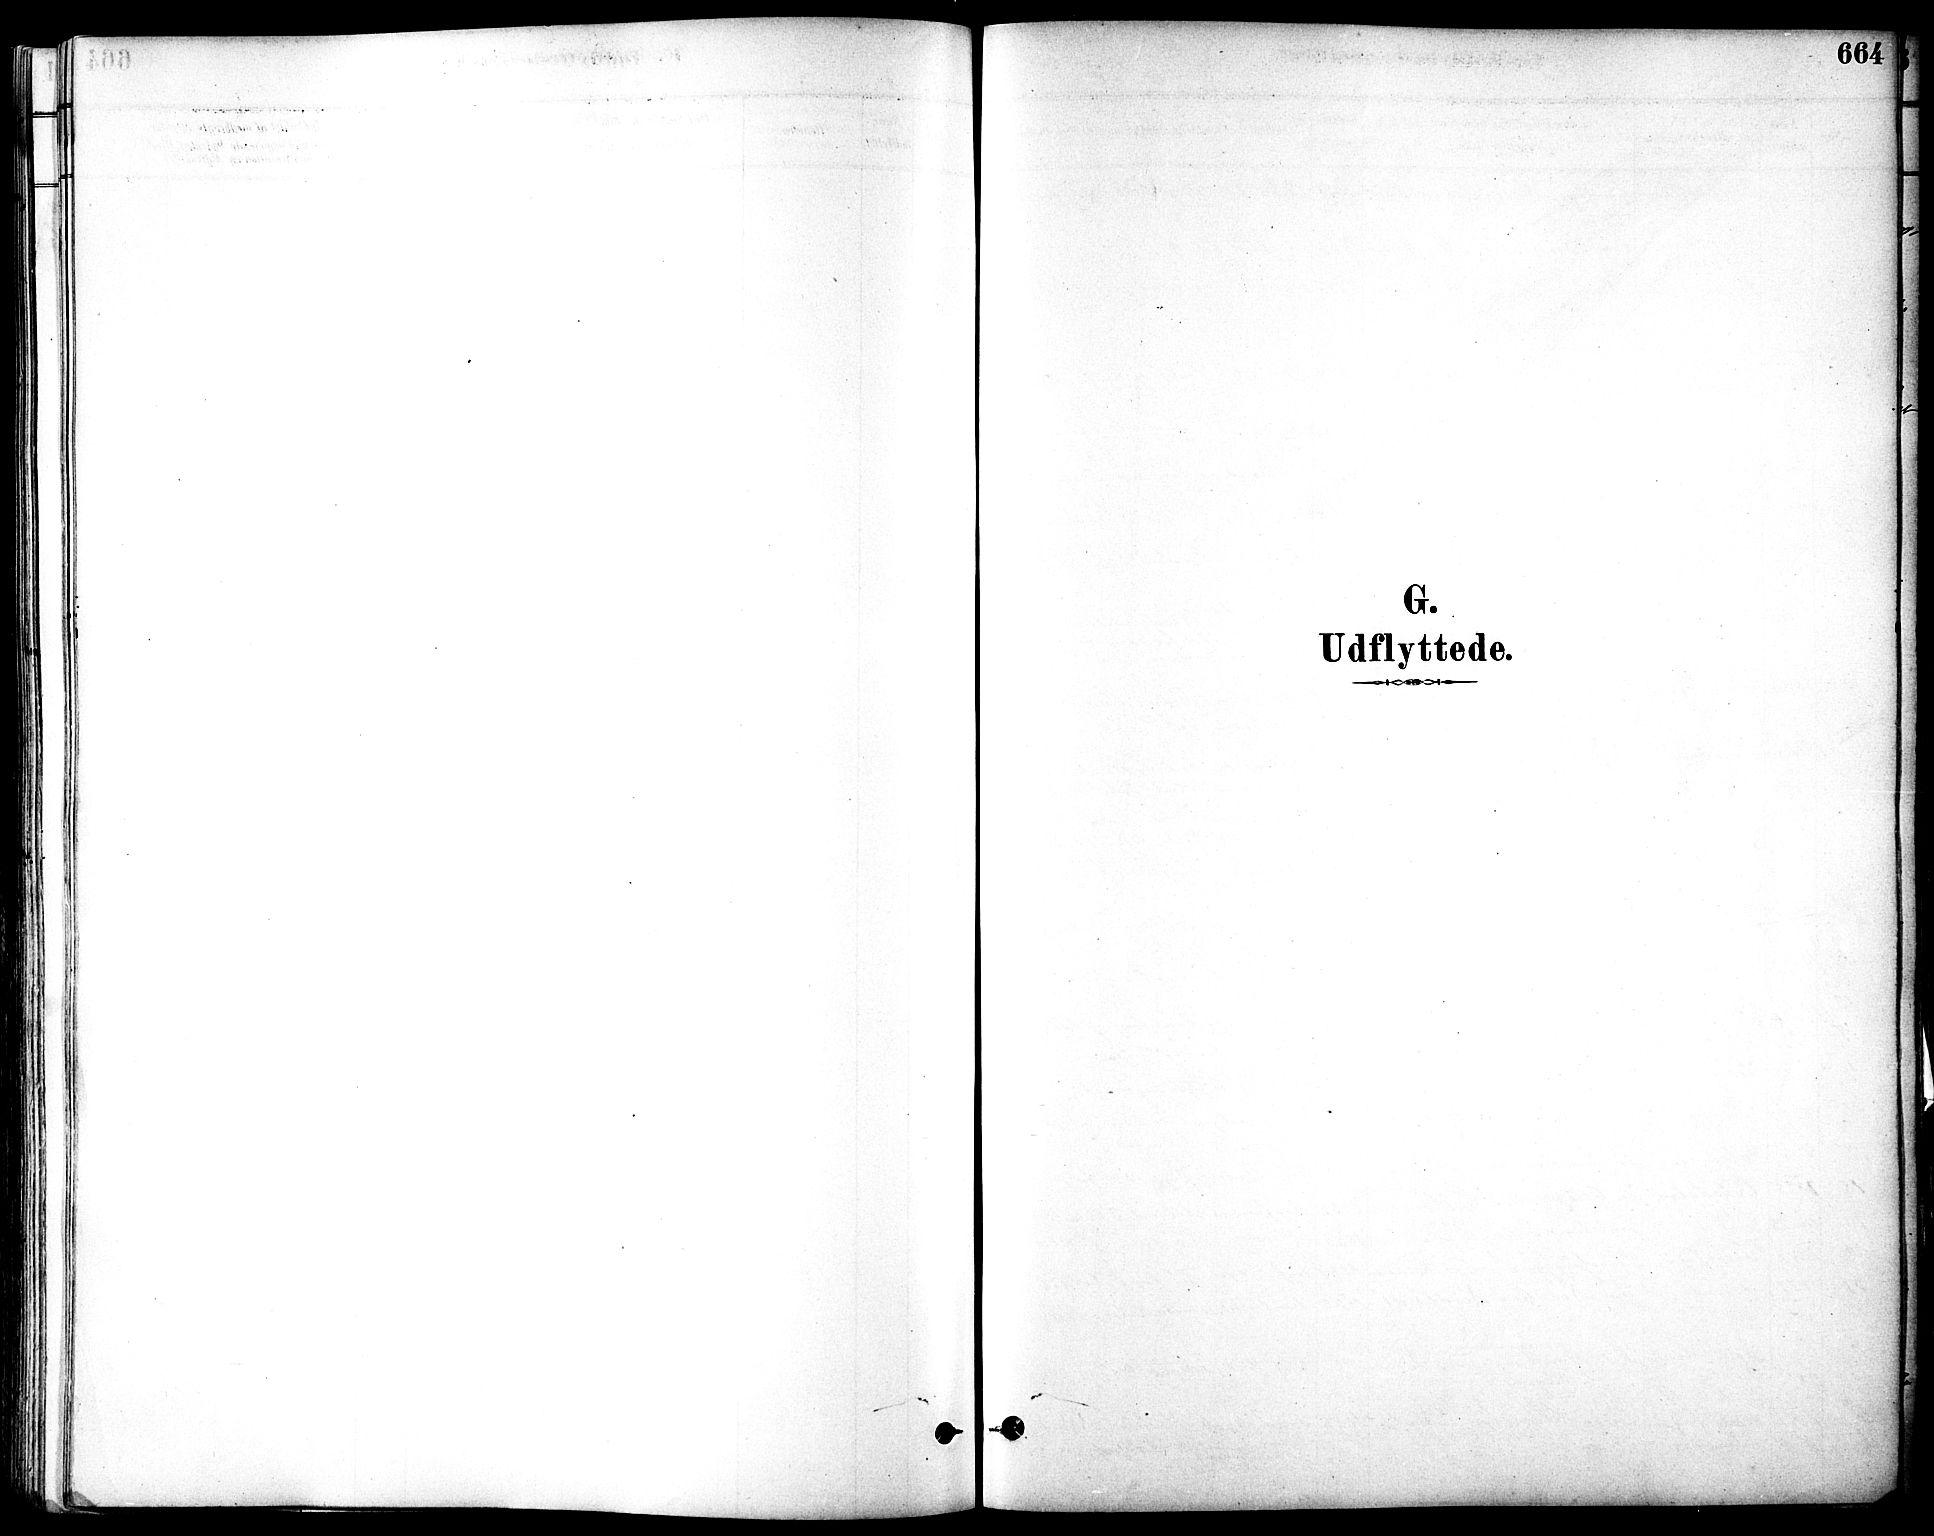 SAT, Ministerialprotokoller, klokkerbøker og fødselsregistre - Sør-Trøndelag, 601/L0058: Ministerialbok nr. 601A26, 1877-1891, s. 664